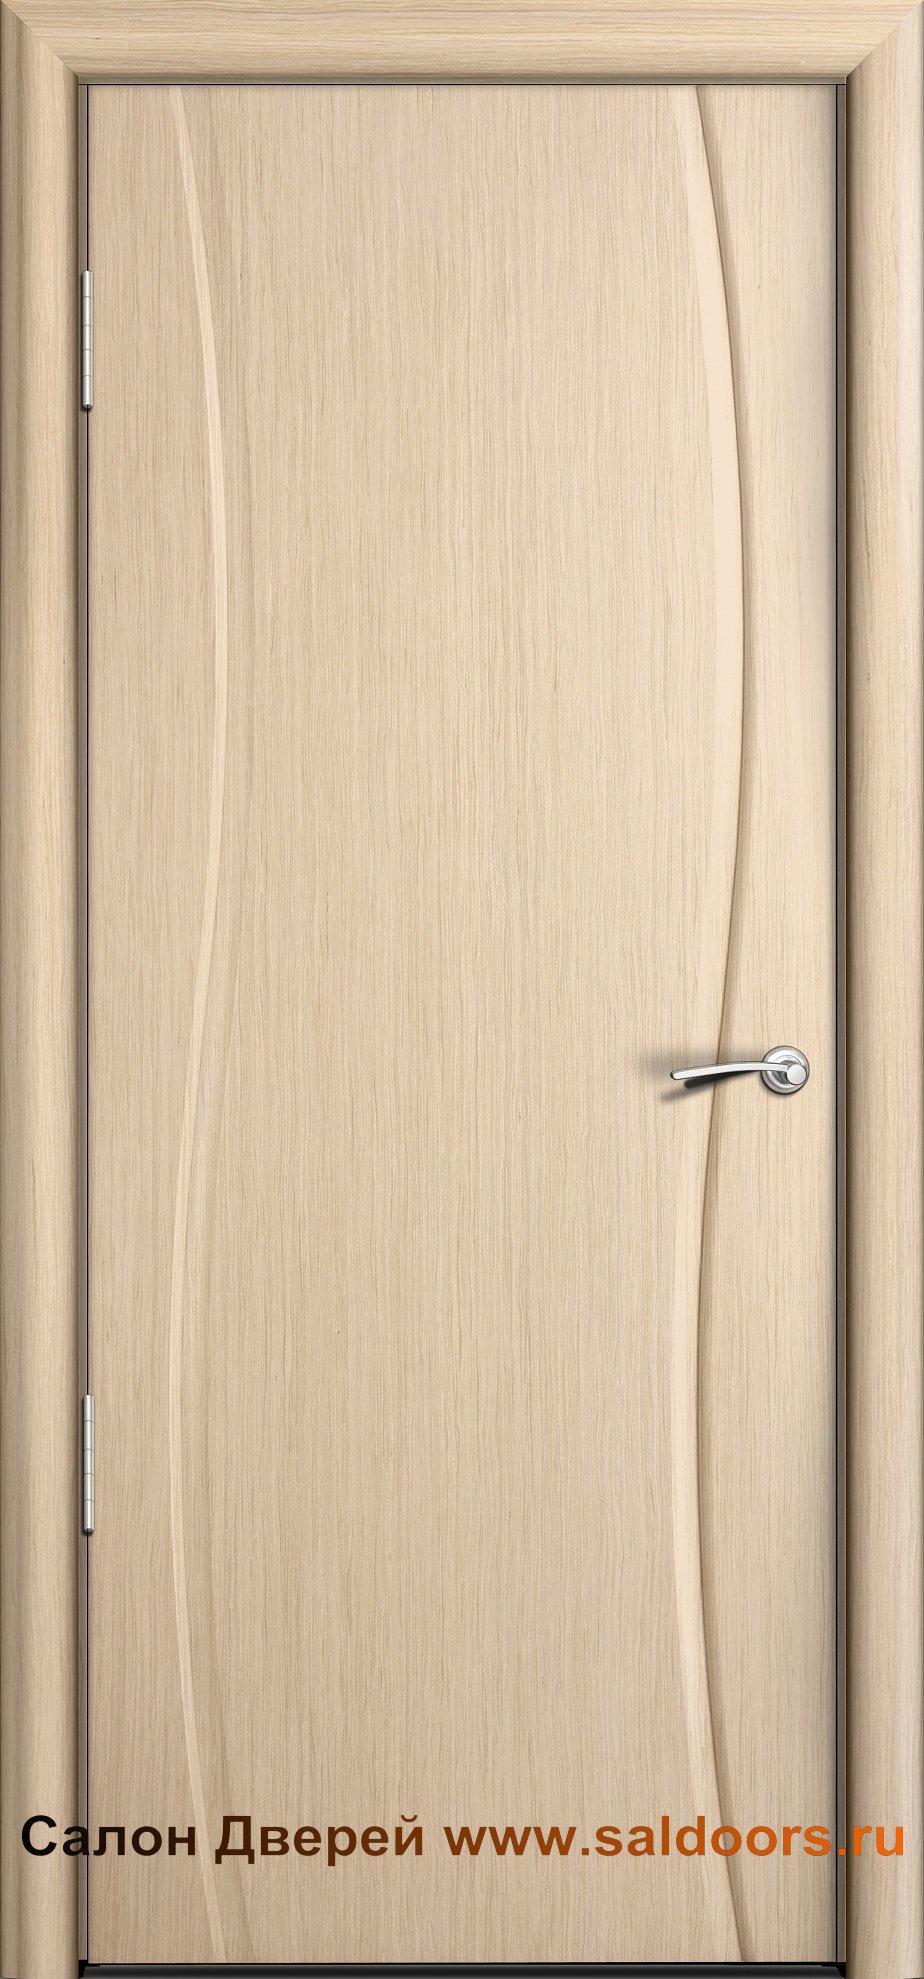 Miliana ru двери с натурального шпона беленый дуб